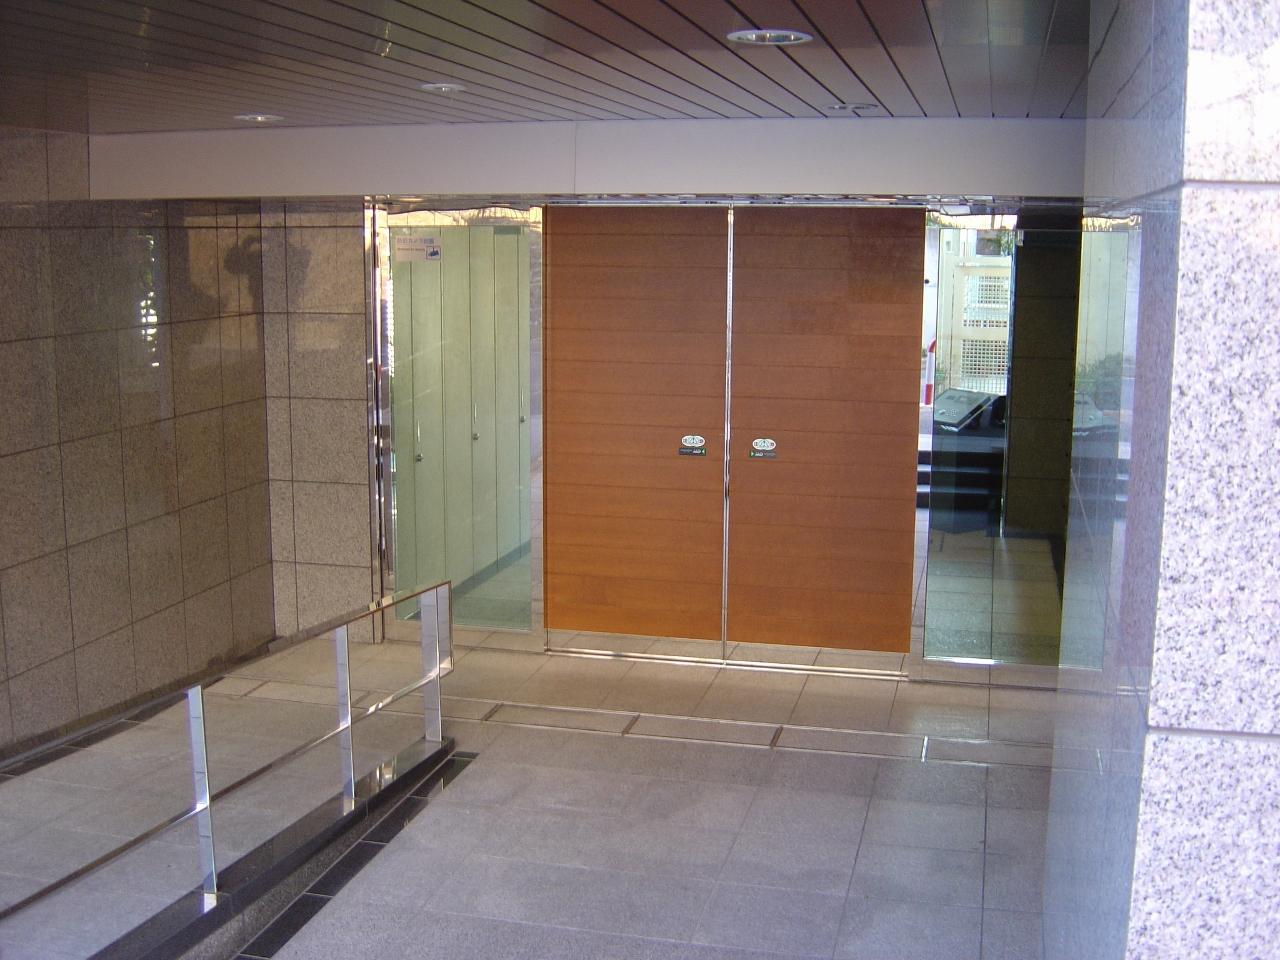 日本自動ドア株式会社 中核となる価値観コアバリューで社内を一